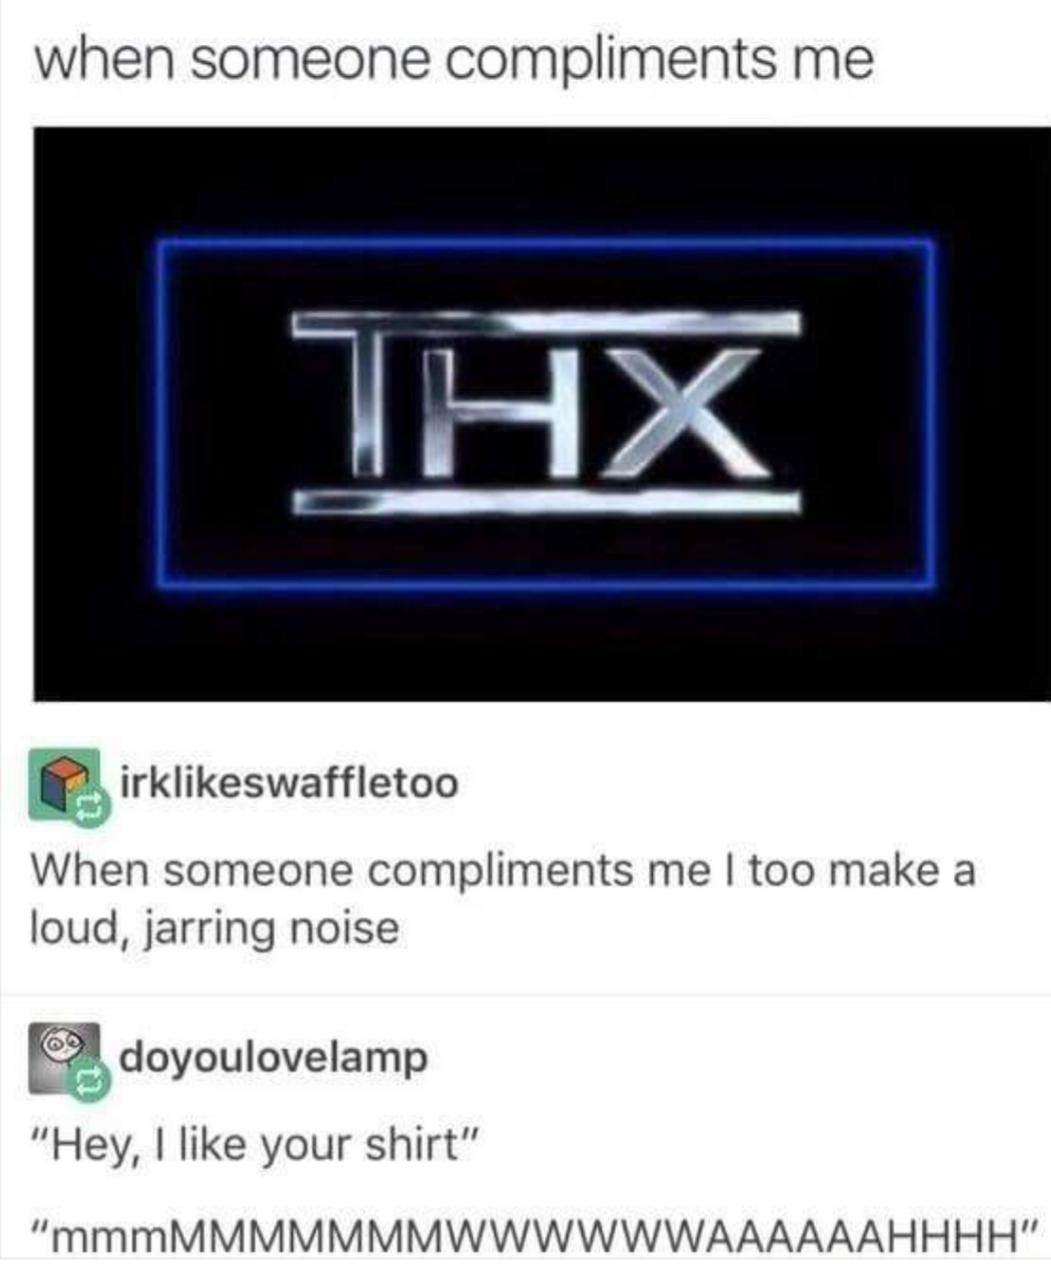 Mmmmrrrrraaaaaahhhh - meme